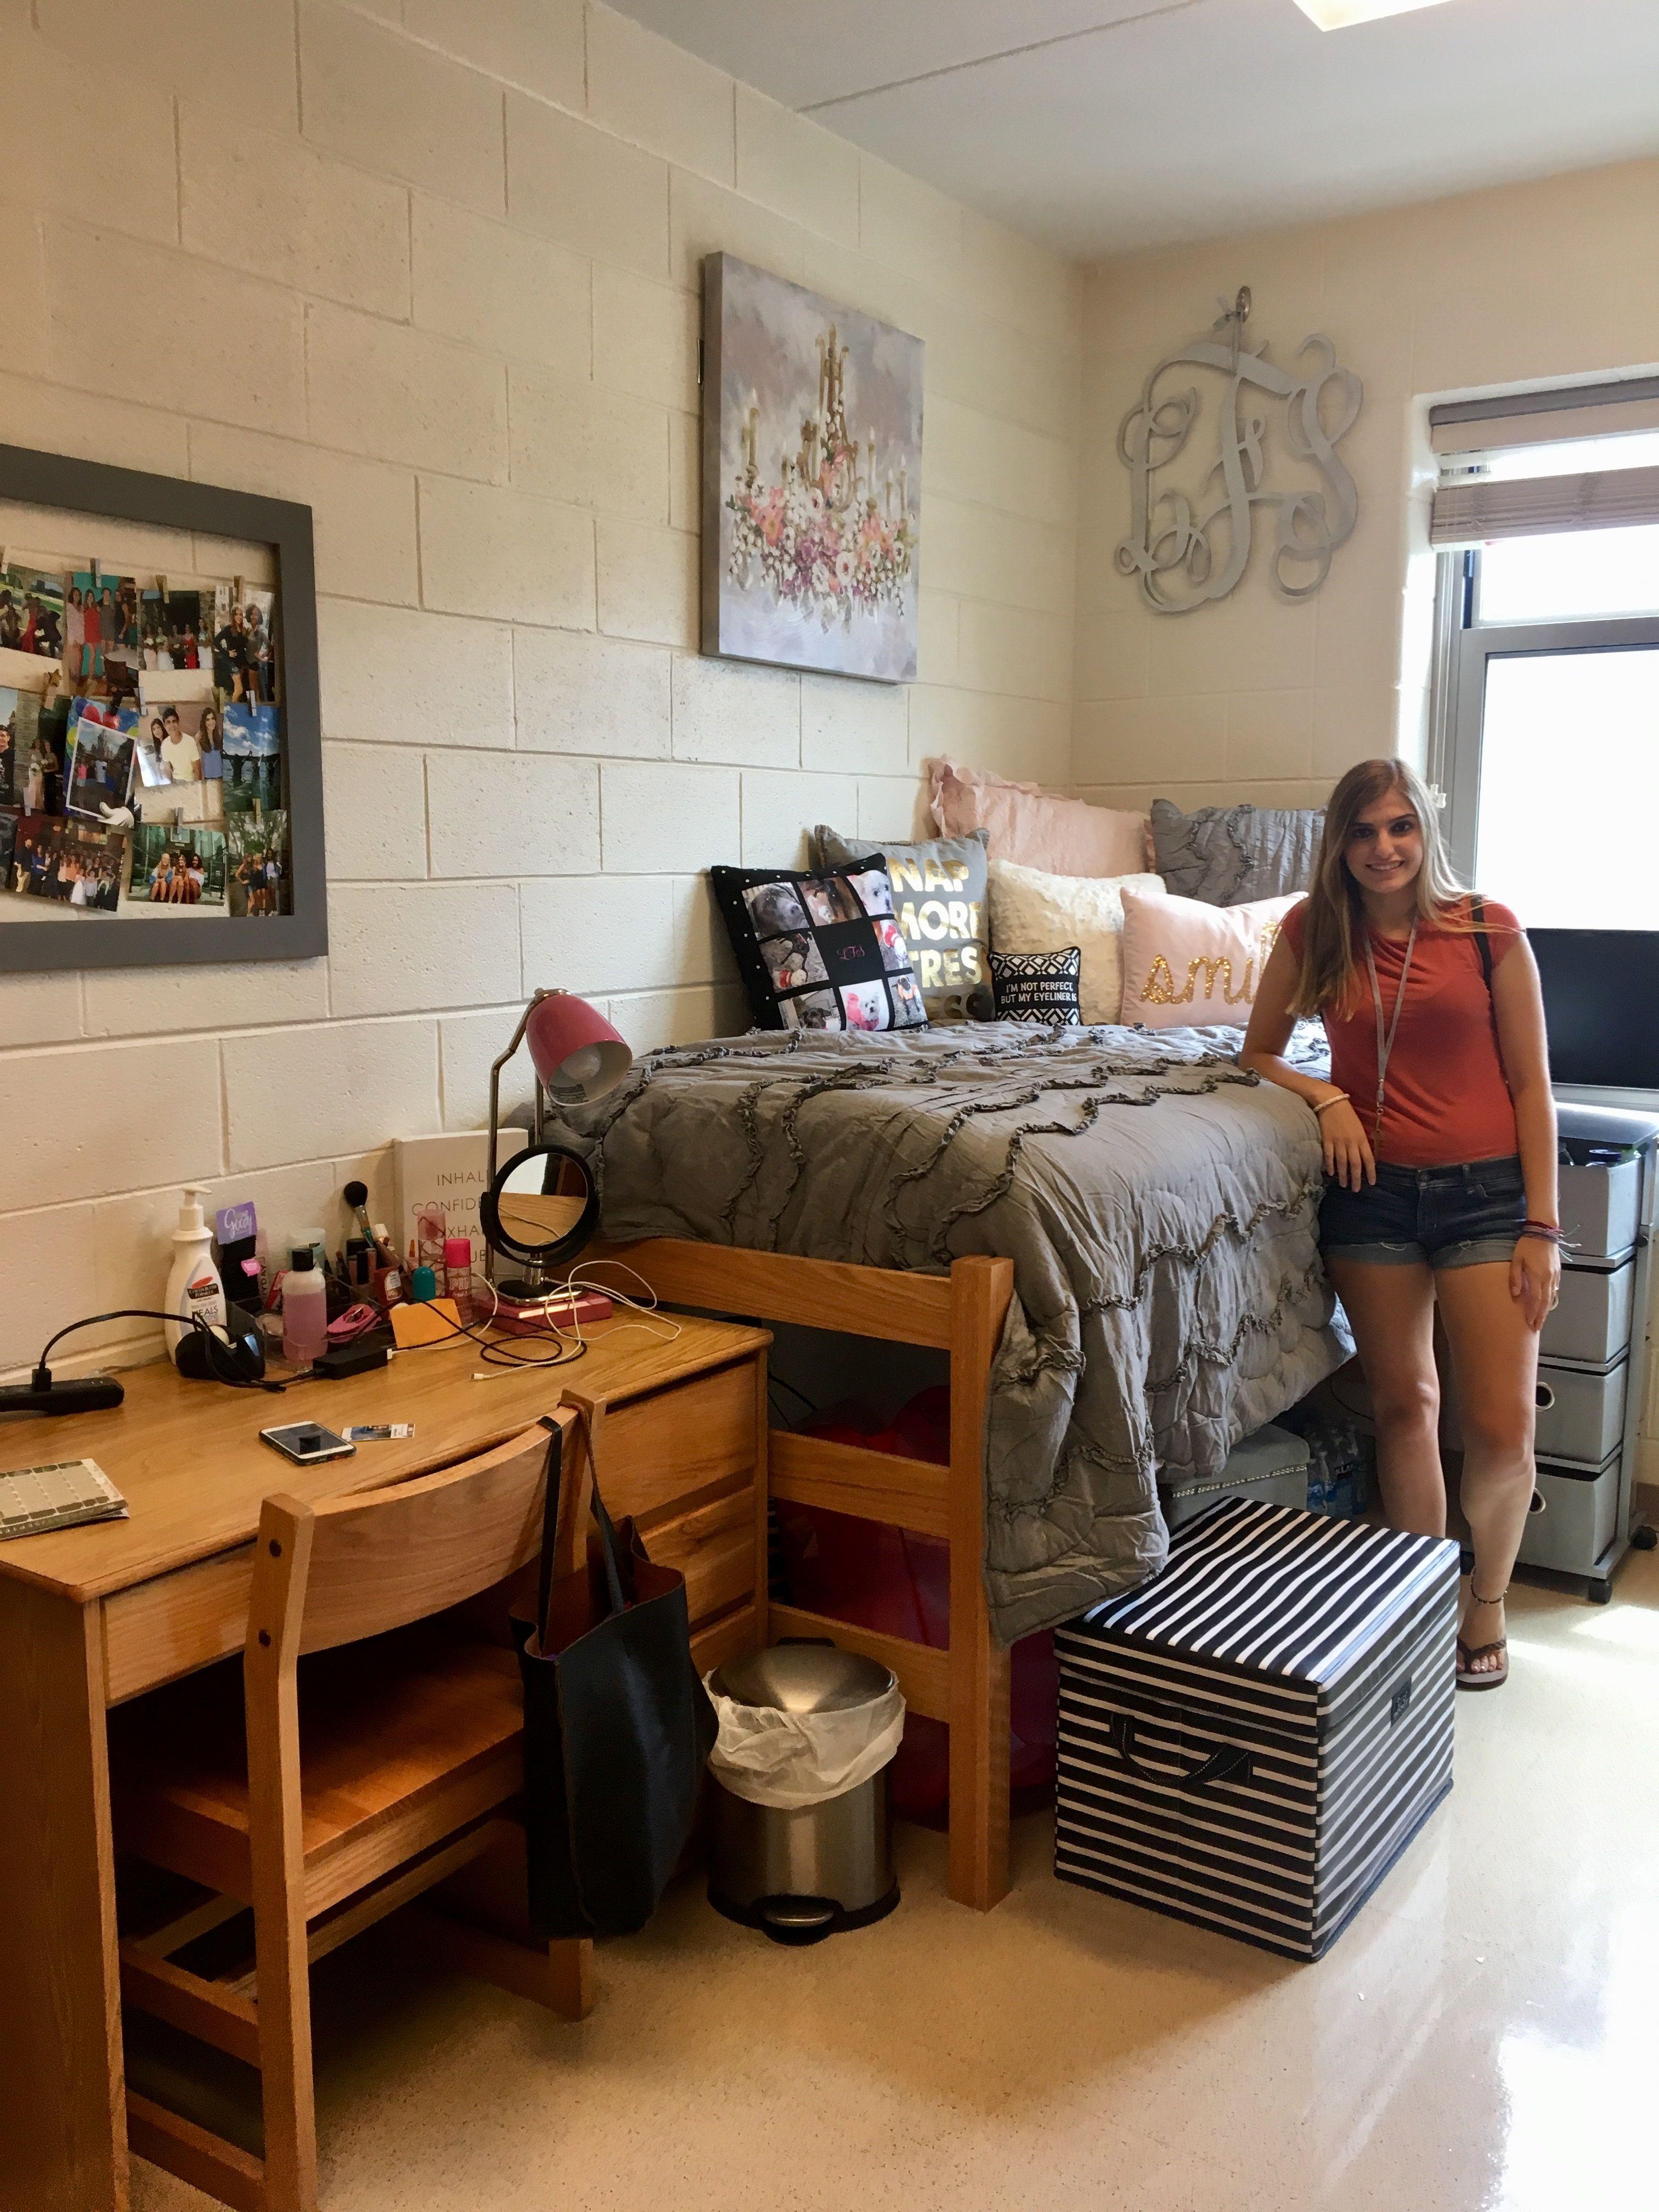 xavier university dorms on sju villiger dorm dorm freshman dorm college dorm sju villiger dorm dorm freshman dorm